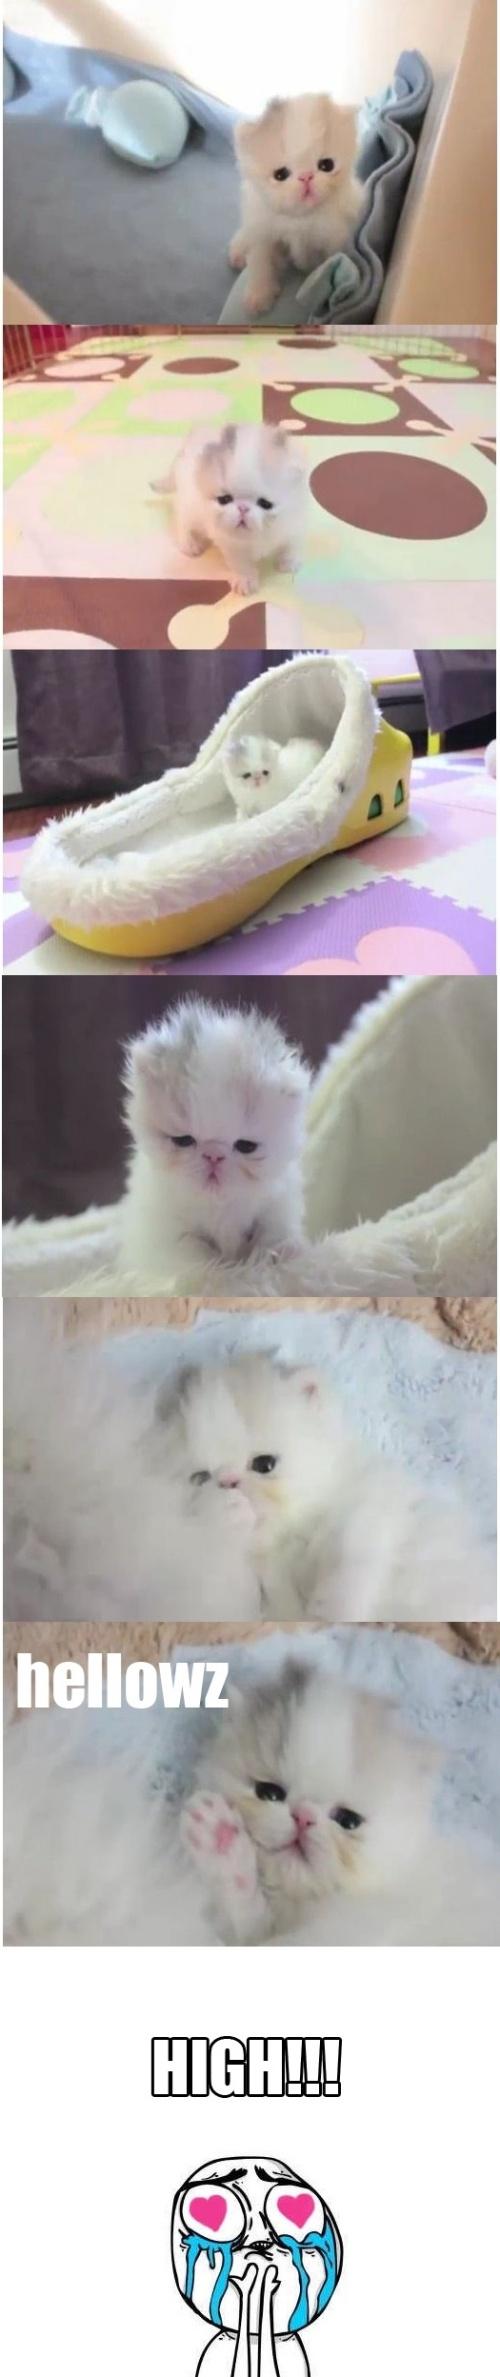 Cuteness lvl. 1000!